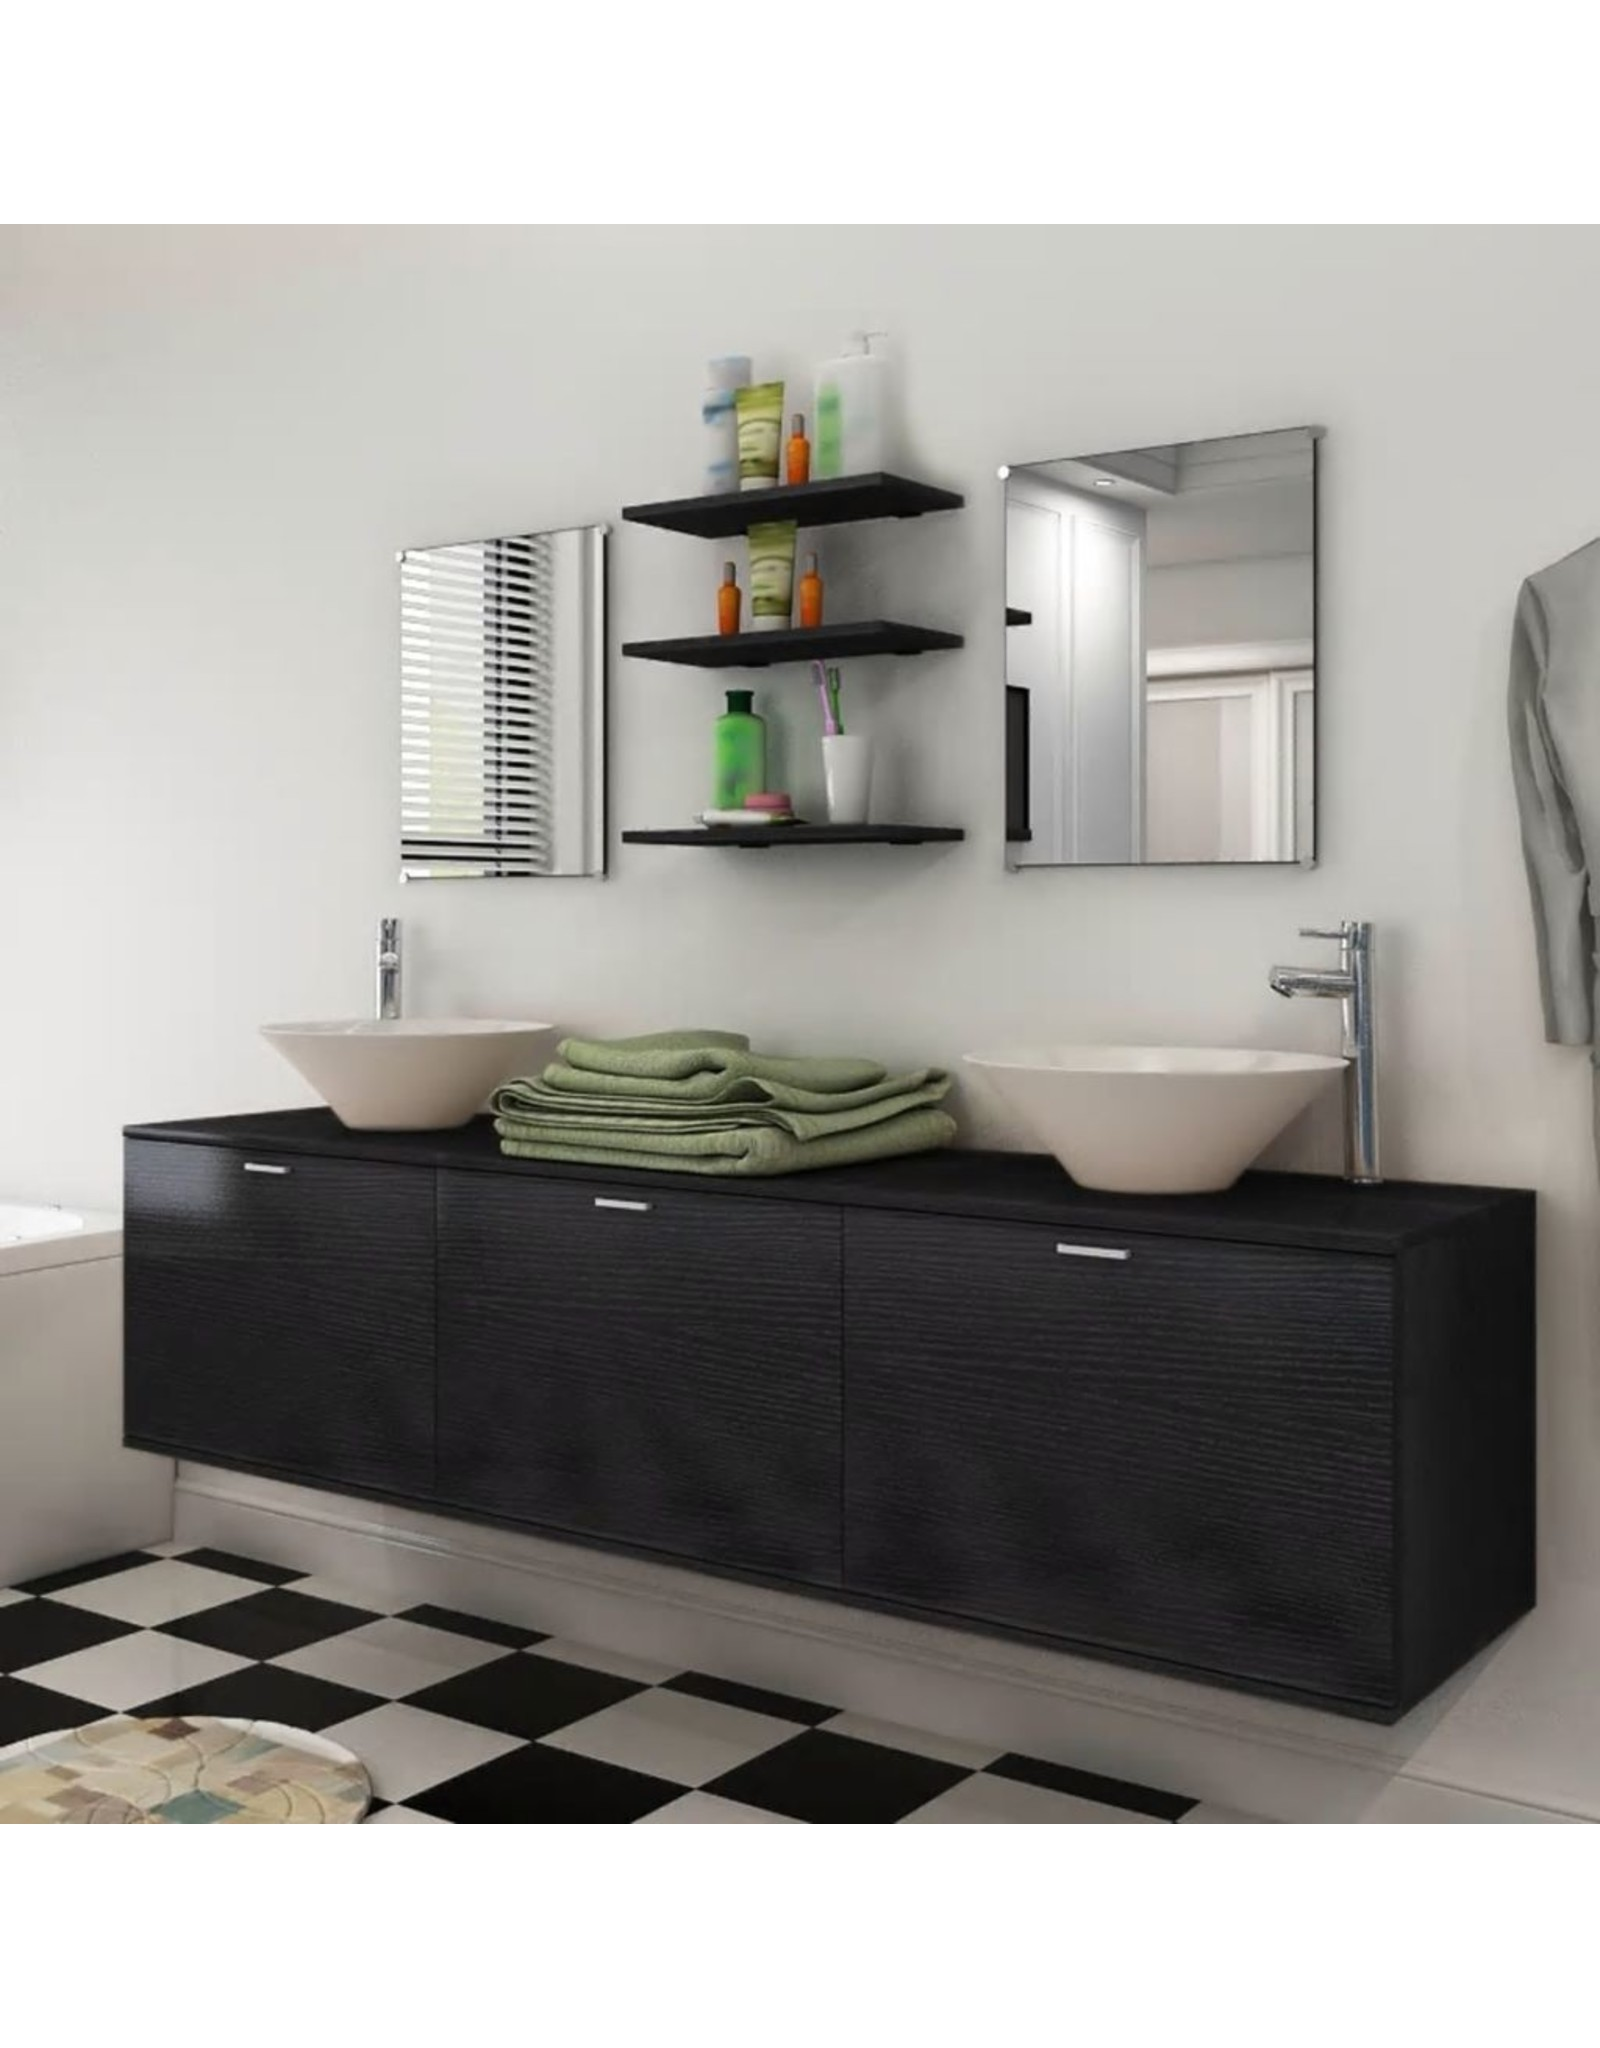 Badkamermeubelset met wasbak zwart 8-delig